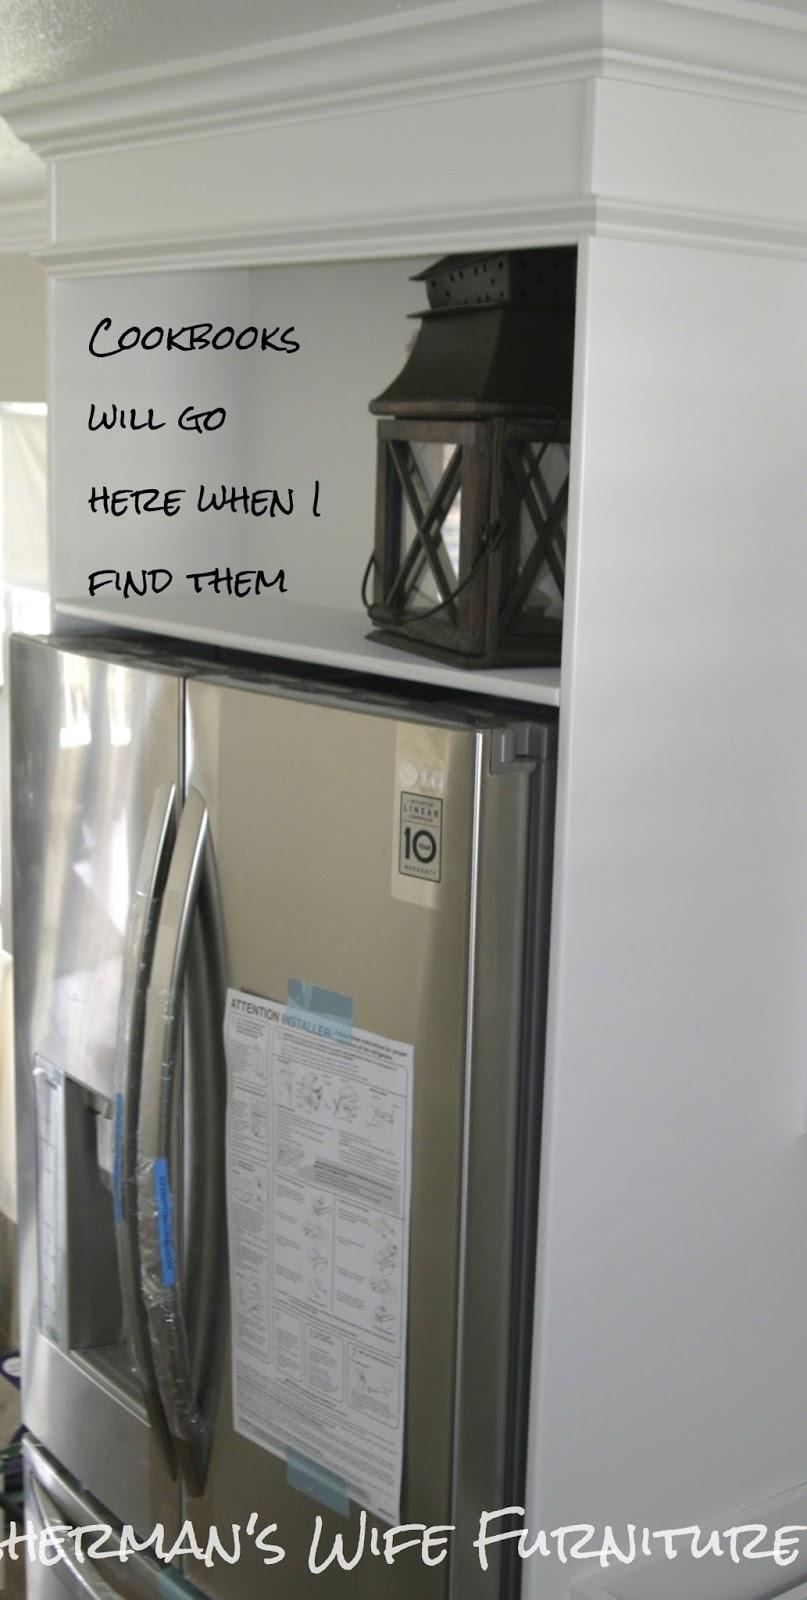 Fisherman's Wife Furniture: DIY Refrigerator Enclosure